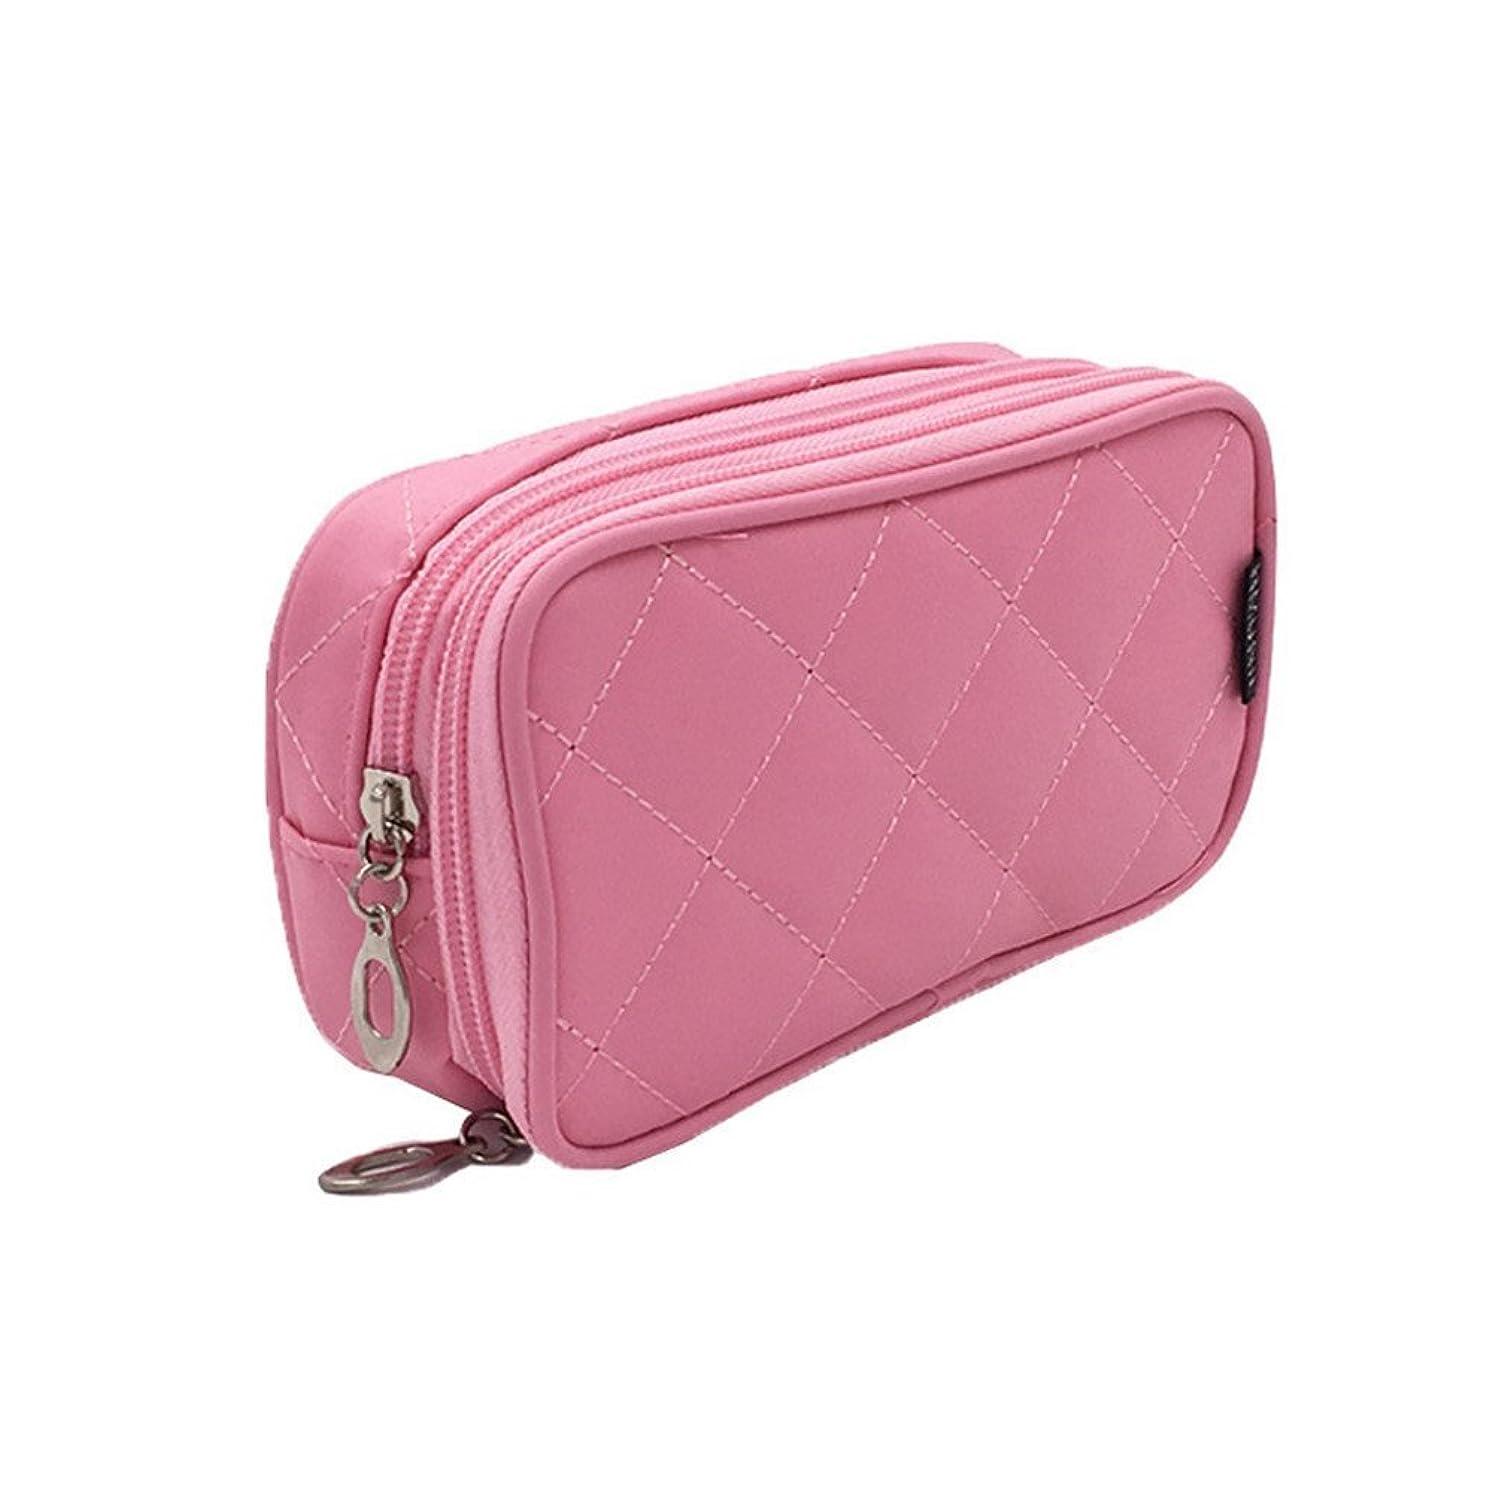 反応する追うほかにKingsie 化粧ポーチ 化粧バッグ 機能的 化粧品 ブラシ収納 メイク収納 トラベルポーチ コスメポーチ 2層 鏡付き (ピンク)